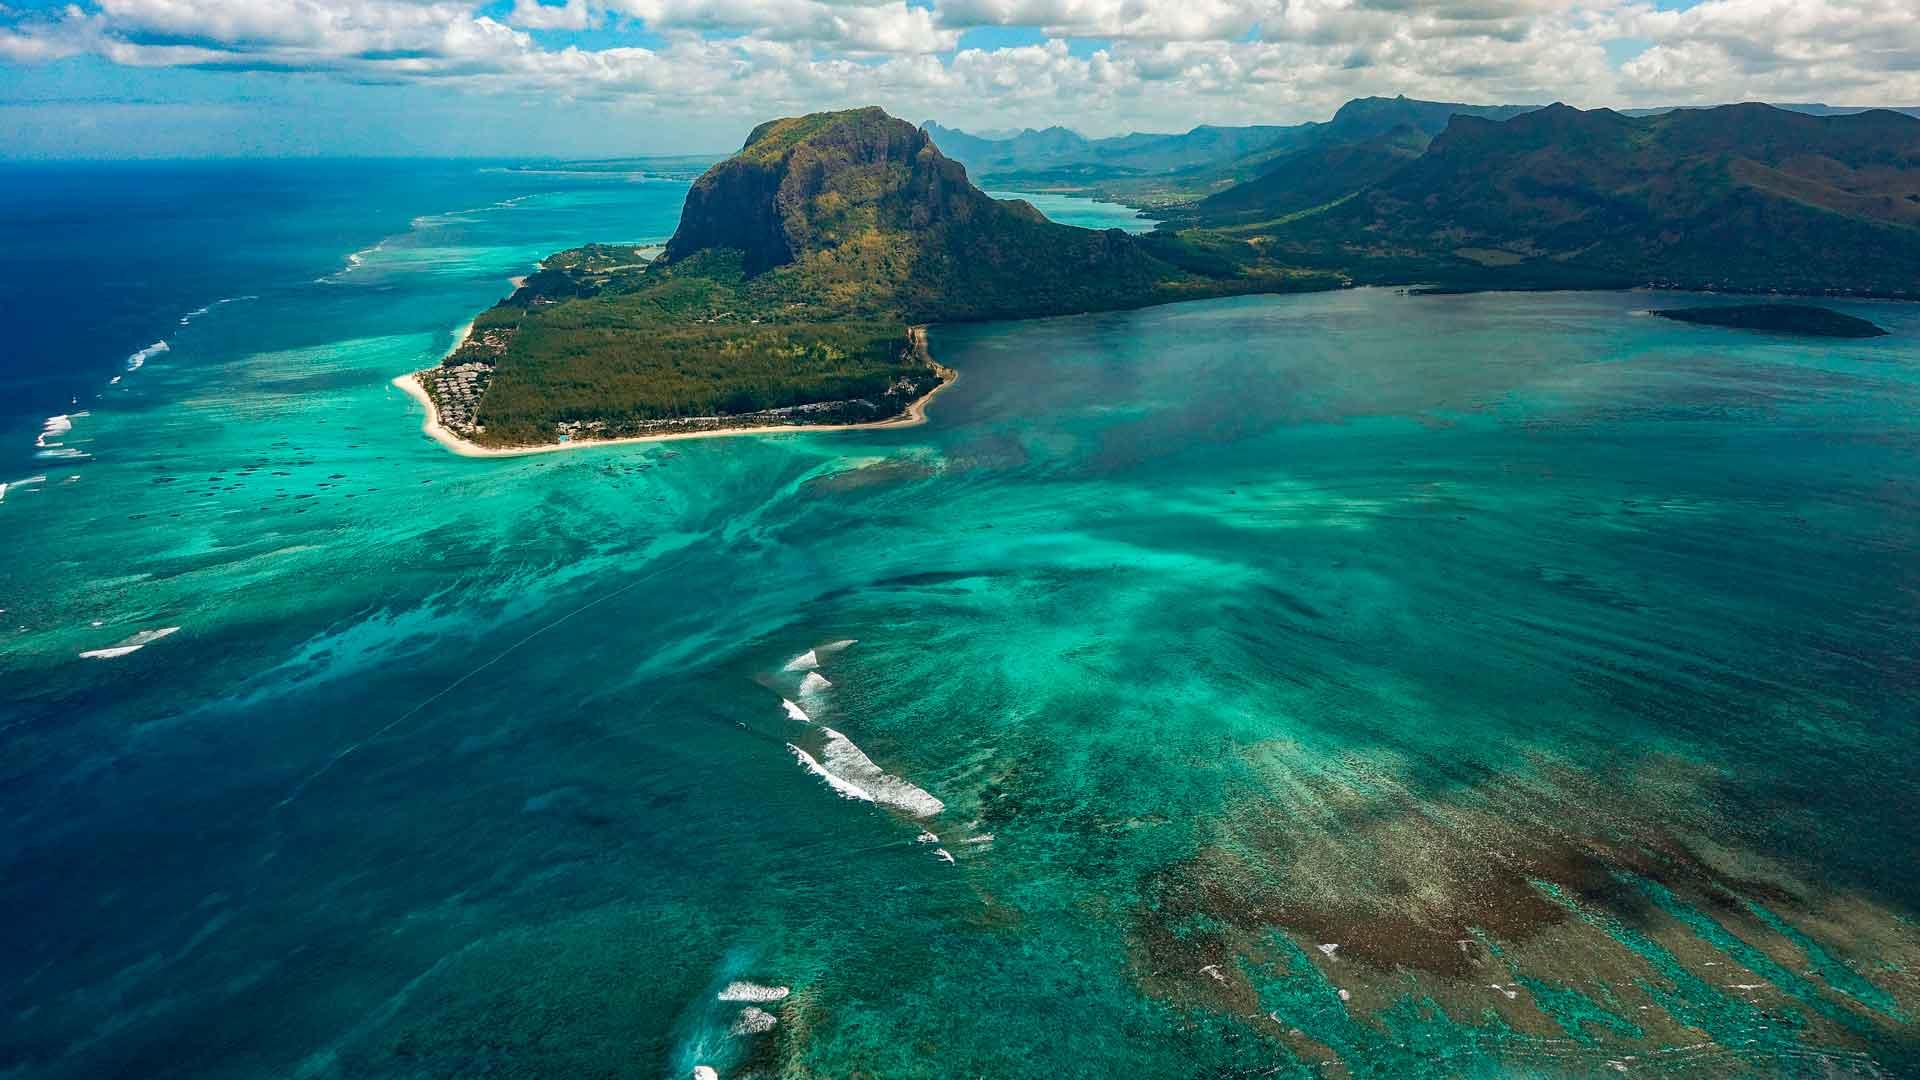 Islas Mauricio en estado de emergencia ambiental